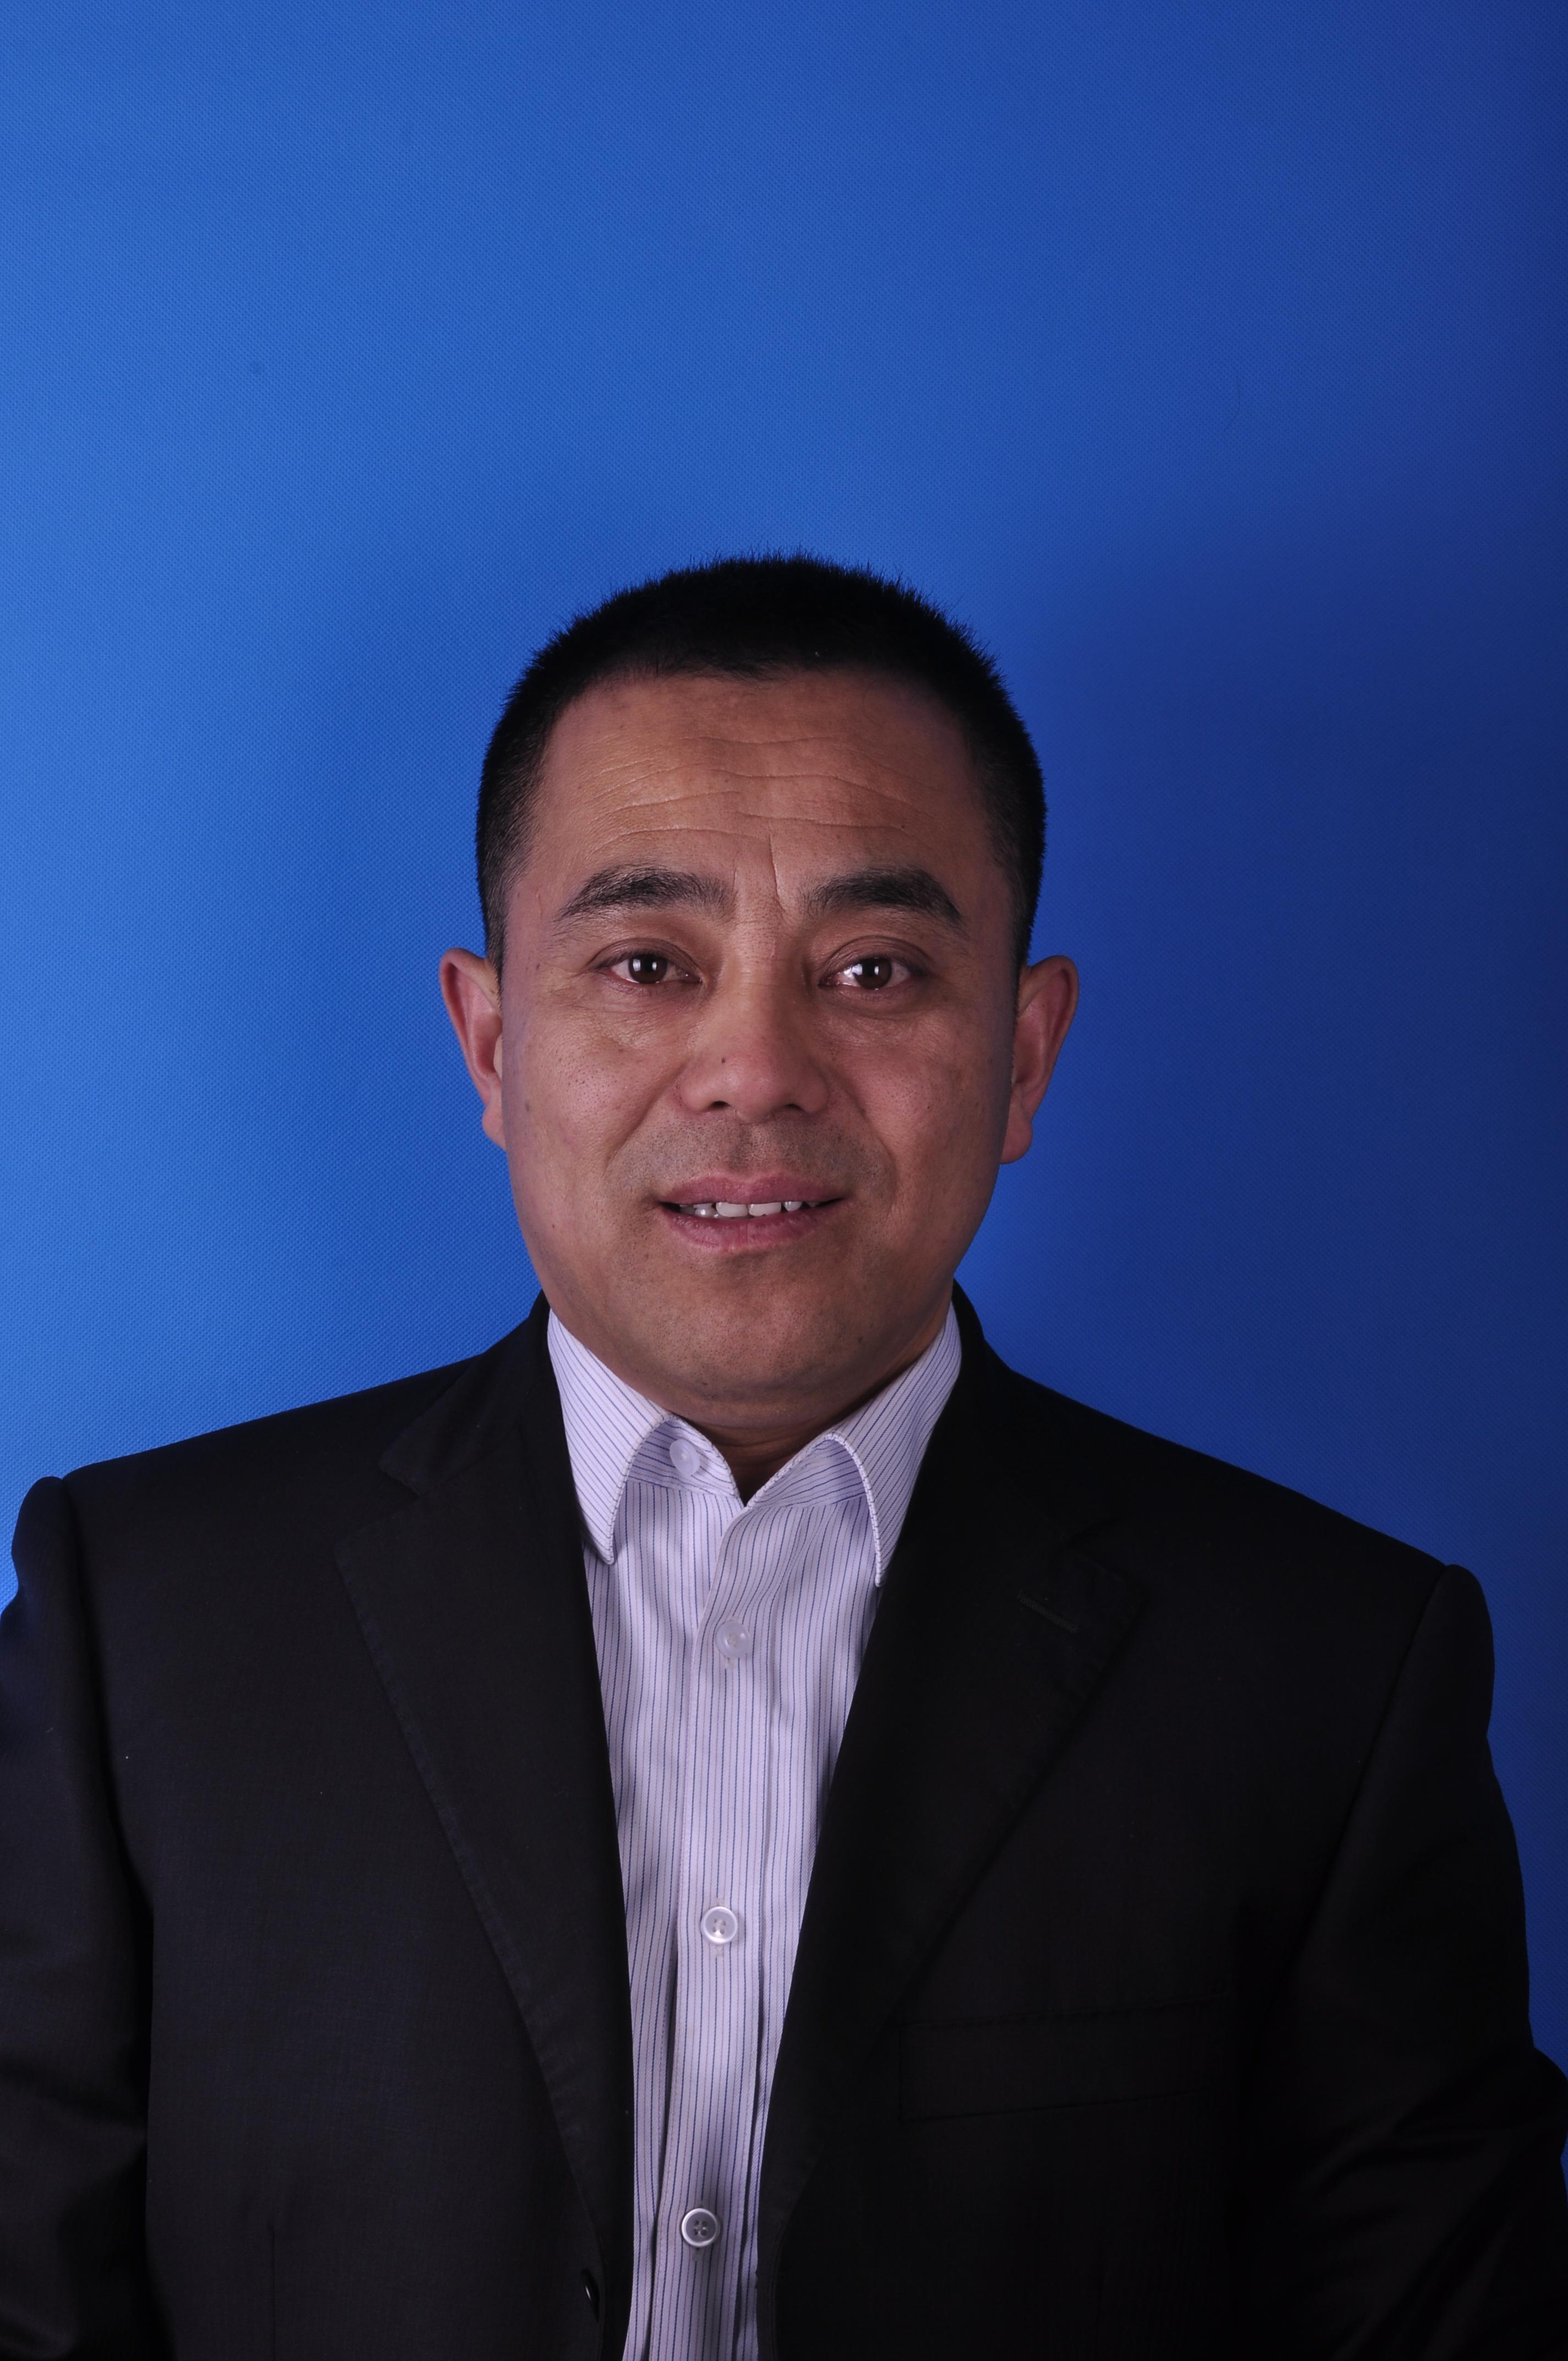 邓卫东证件照.jpg